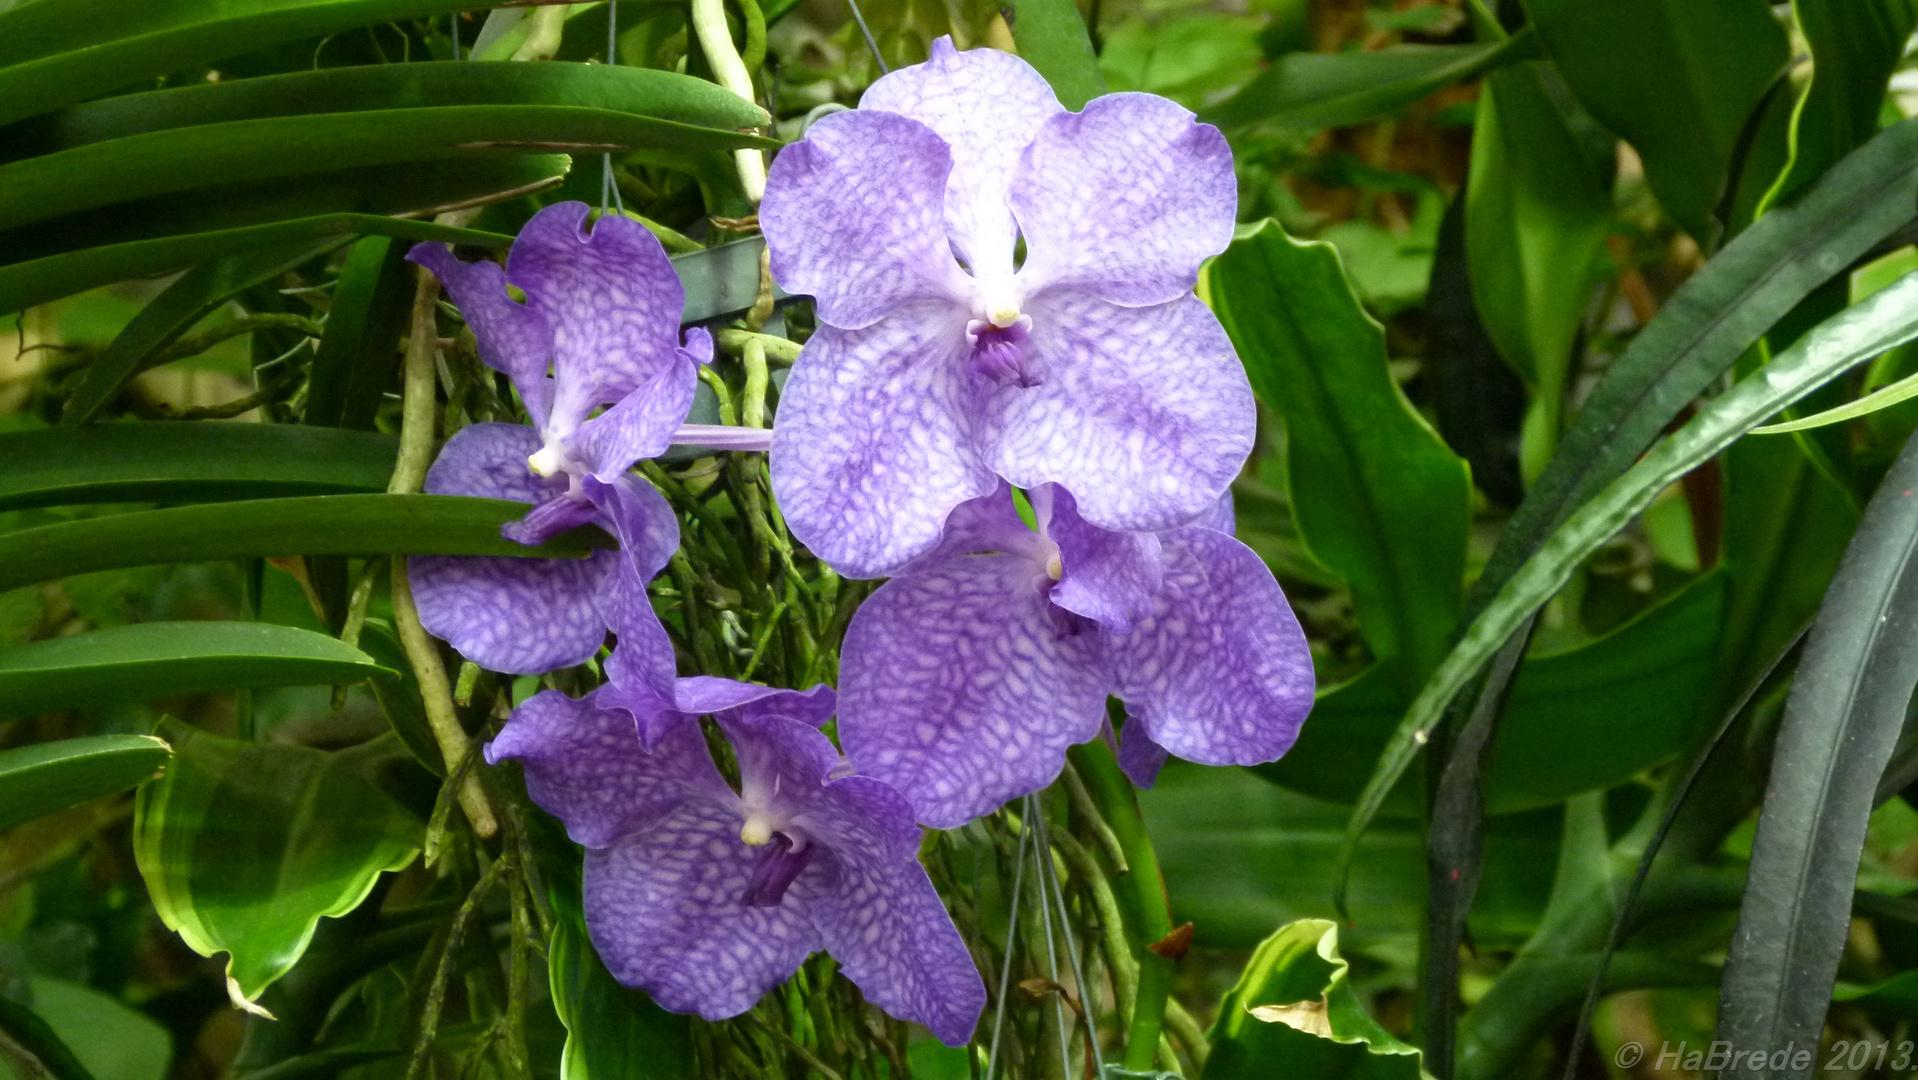 vanda orchidee foto bild natur blumen pflanzen bilder auf fotocommunity. Black Bedroom Furniture Sets. Home Design Ideas